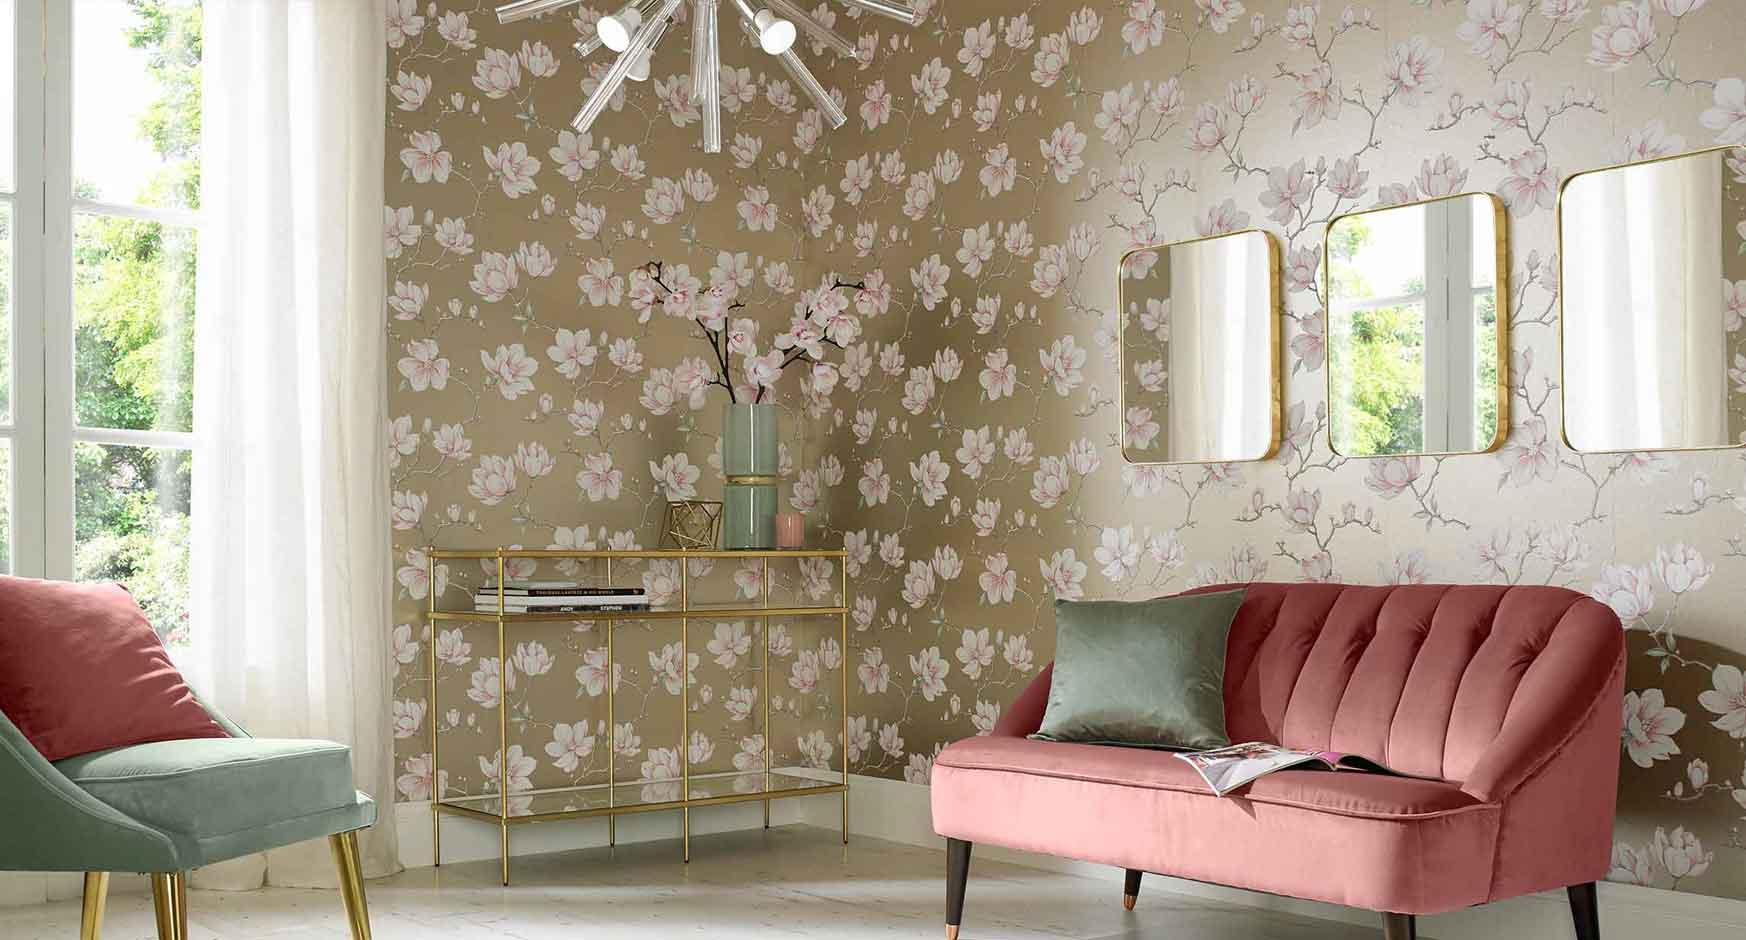 Tren Motif Wallpaper Dinding Minimalis di Tahun 2018 - 15 Tips Memilih Motif Wallpaper Dinding untuk Rumah Minimalis Modern - grahambrown.com